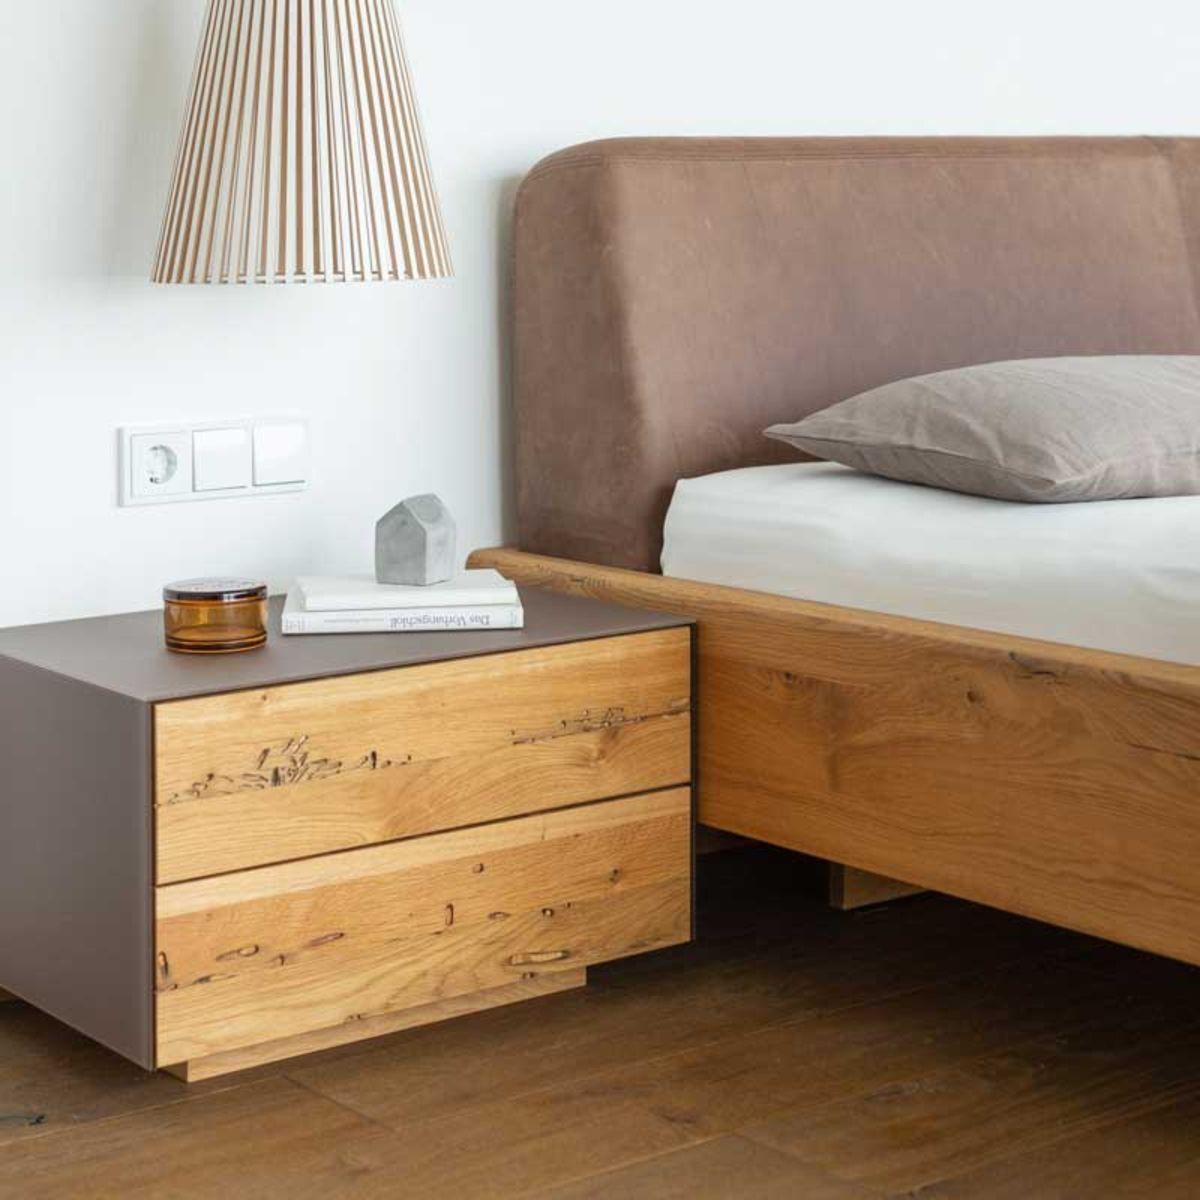 nox Bett mit cubus pure Nachtkästchen von TEAM 7 Linz